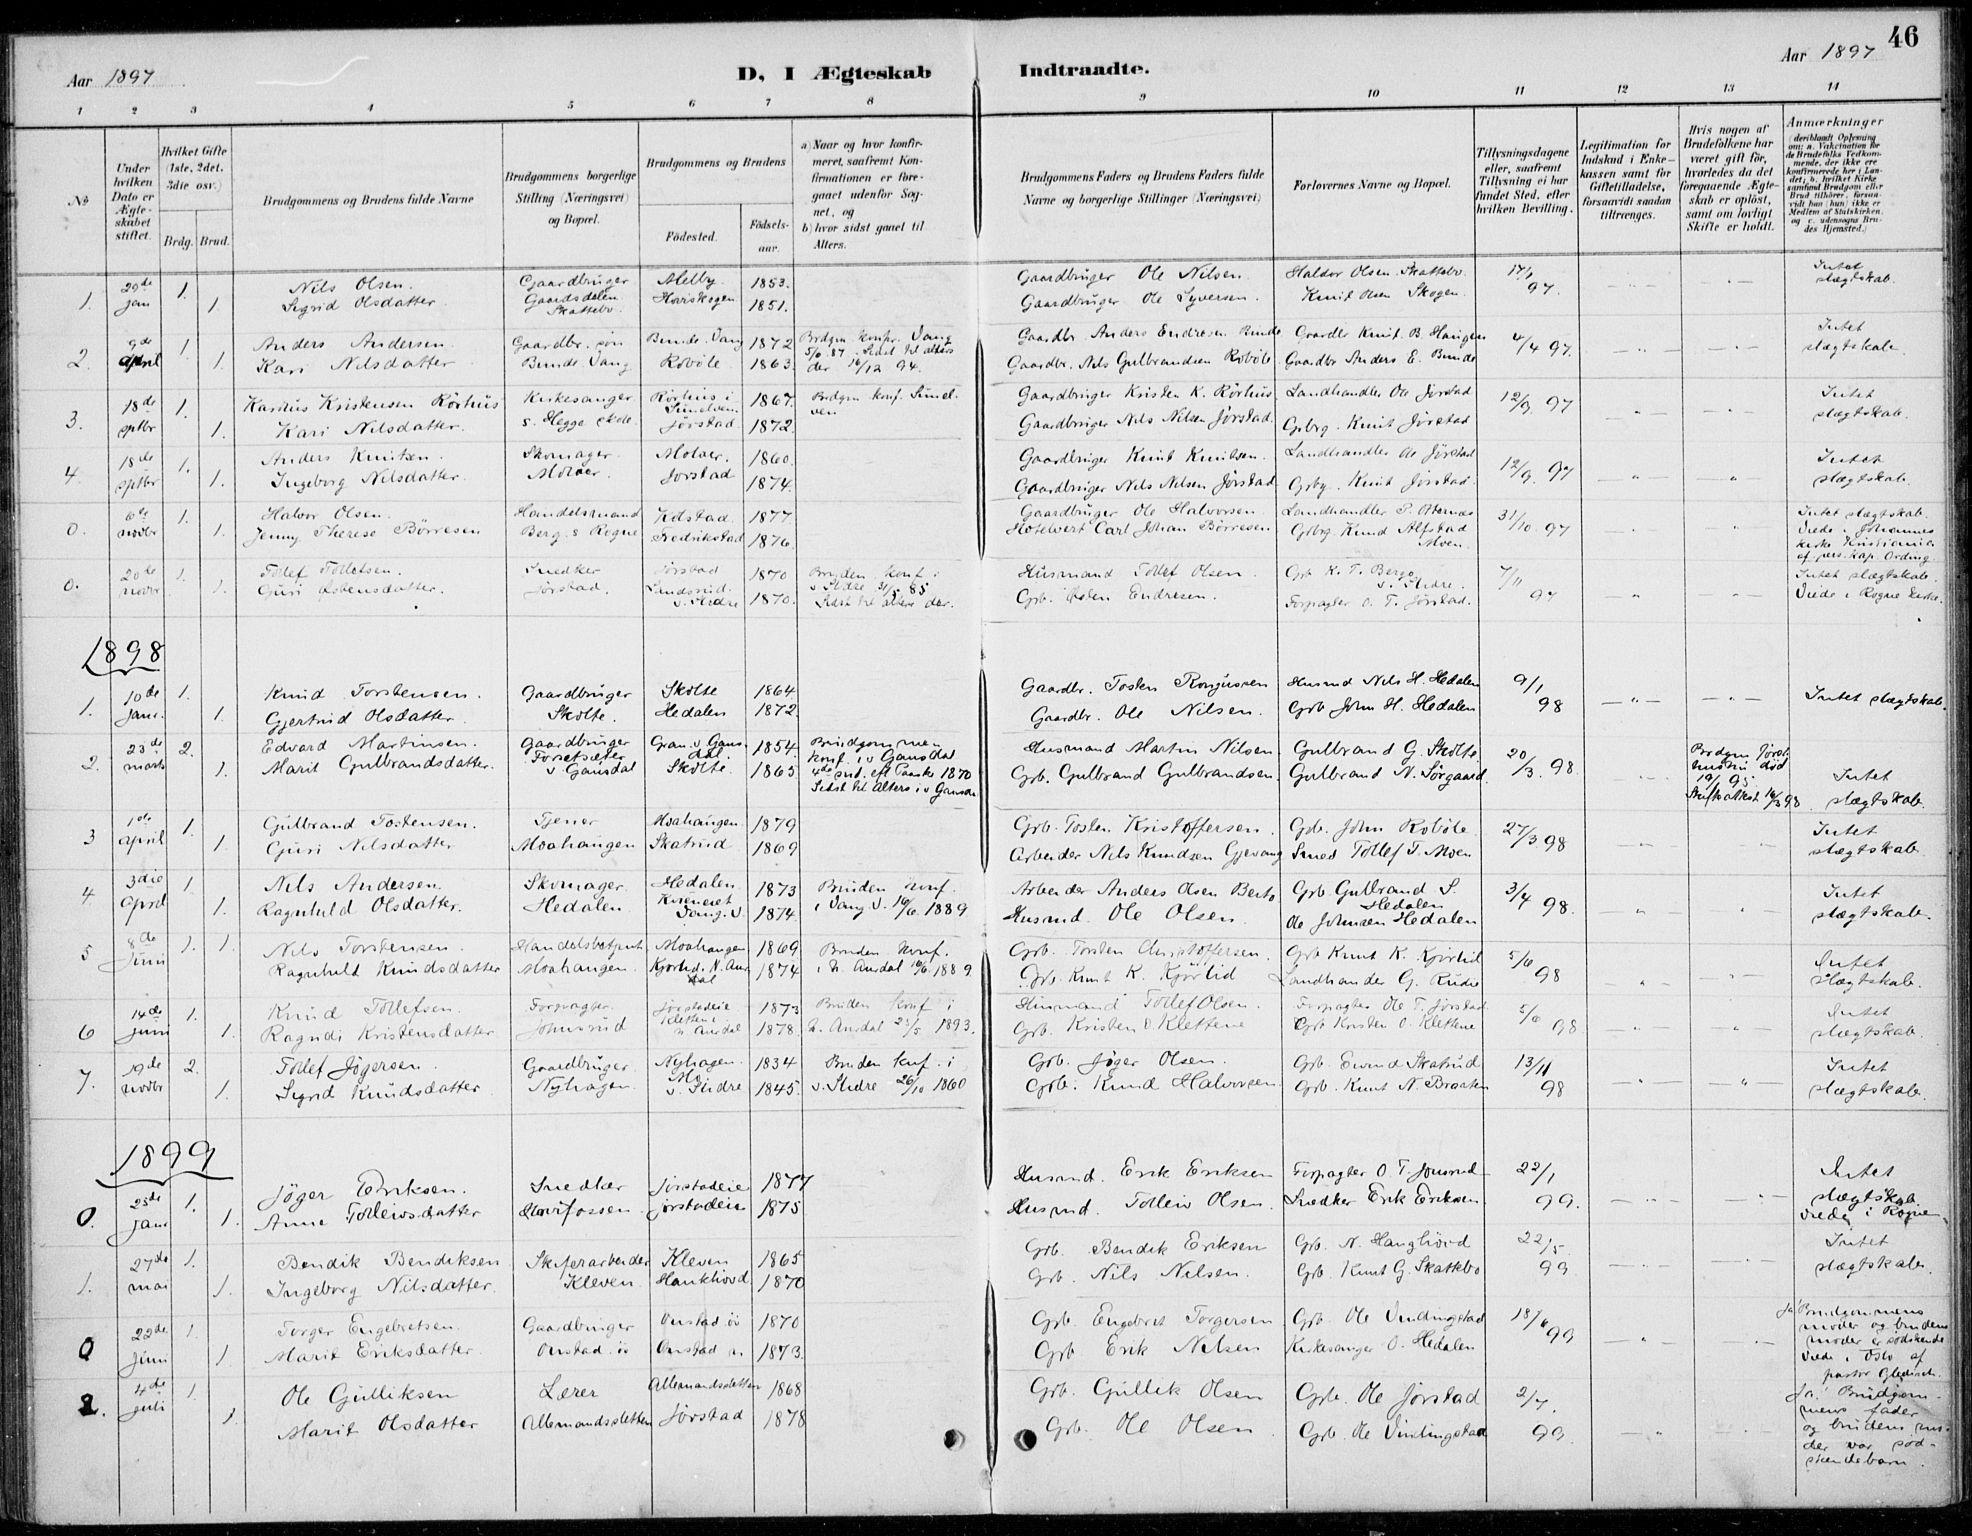 SAH, Øystre Slidre prestekontor, Ministerialbok nr. 5, 1887-1916, s. 46